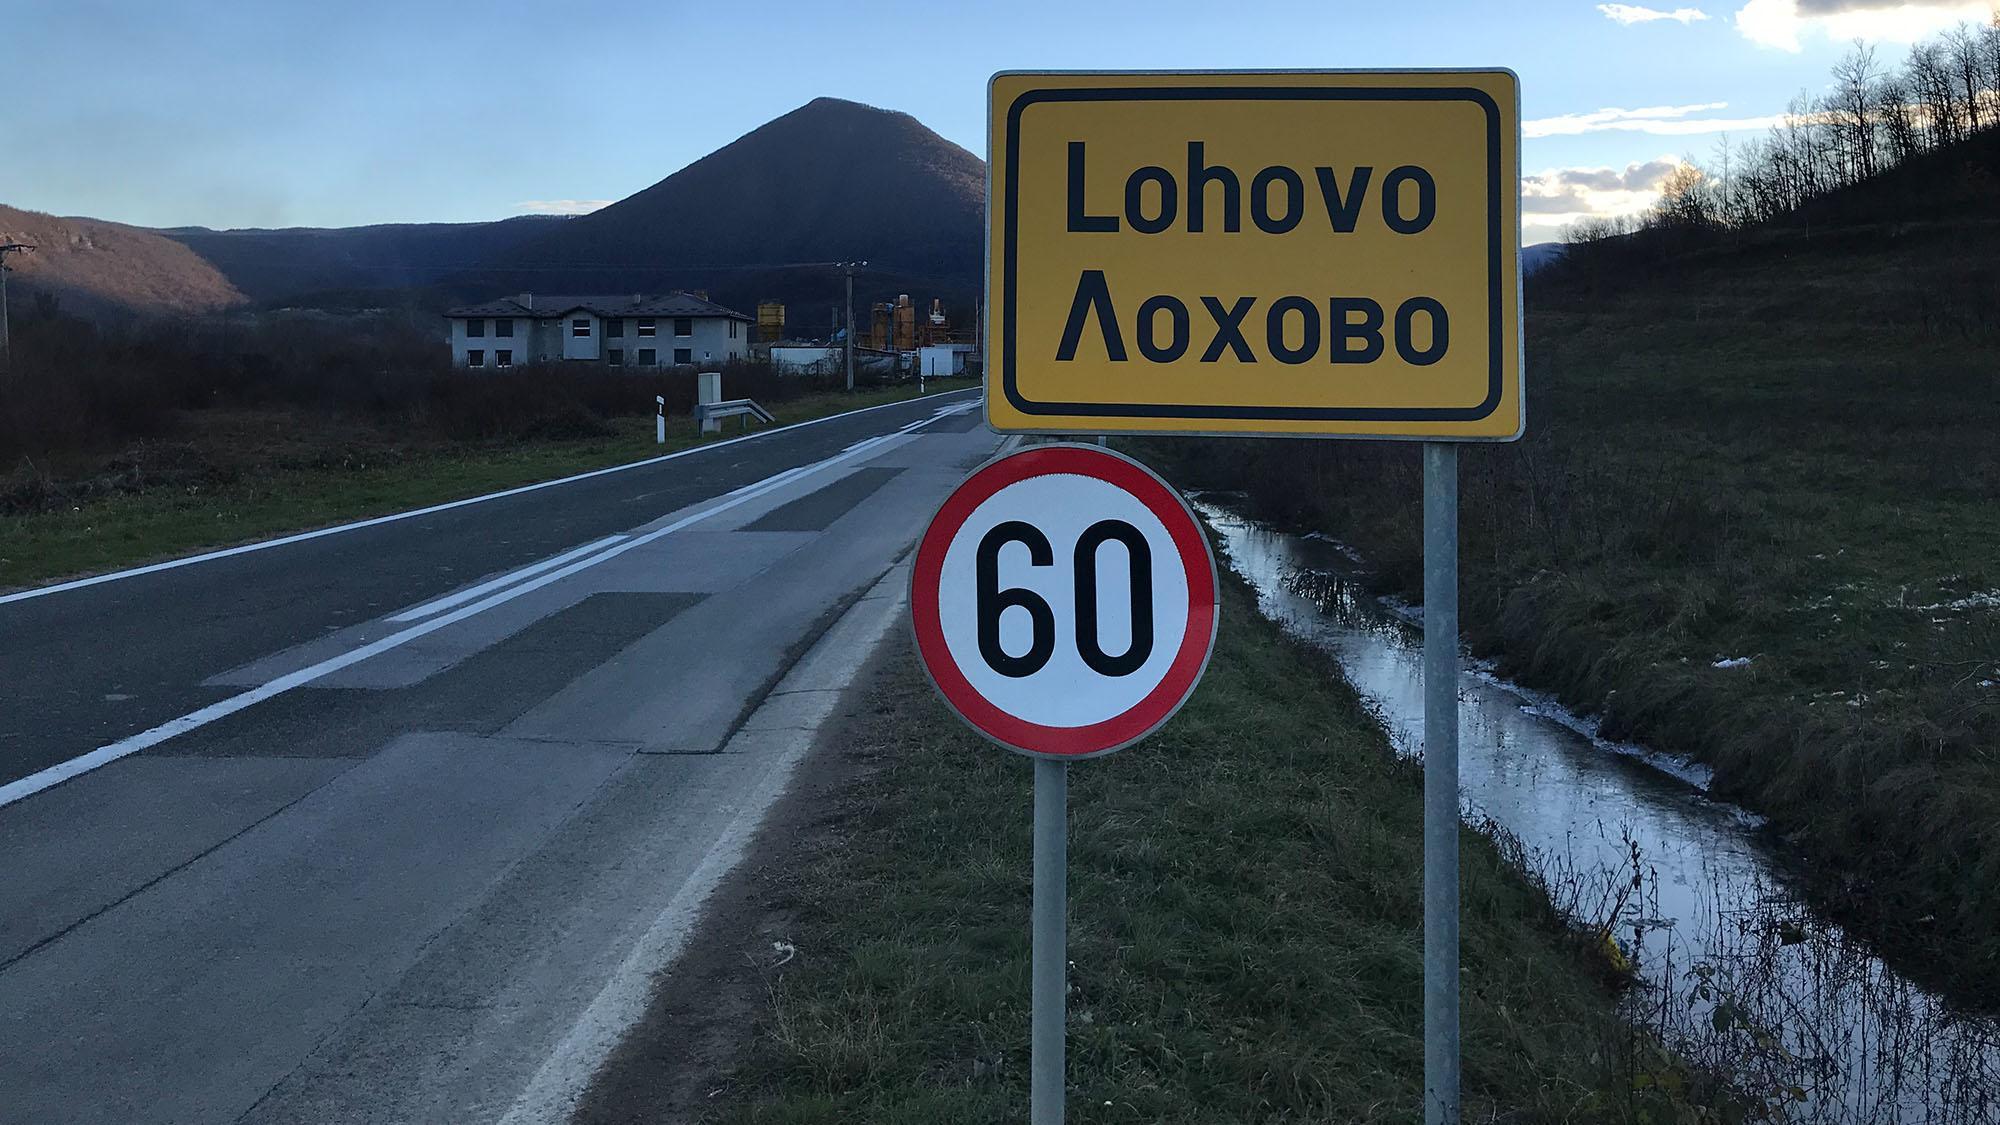 Die erste Ortschaft nach Verlassen des Waldweges ist das bosnische Dorf Lohovo.